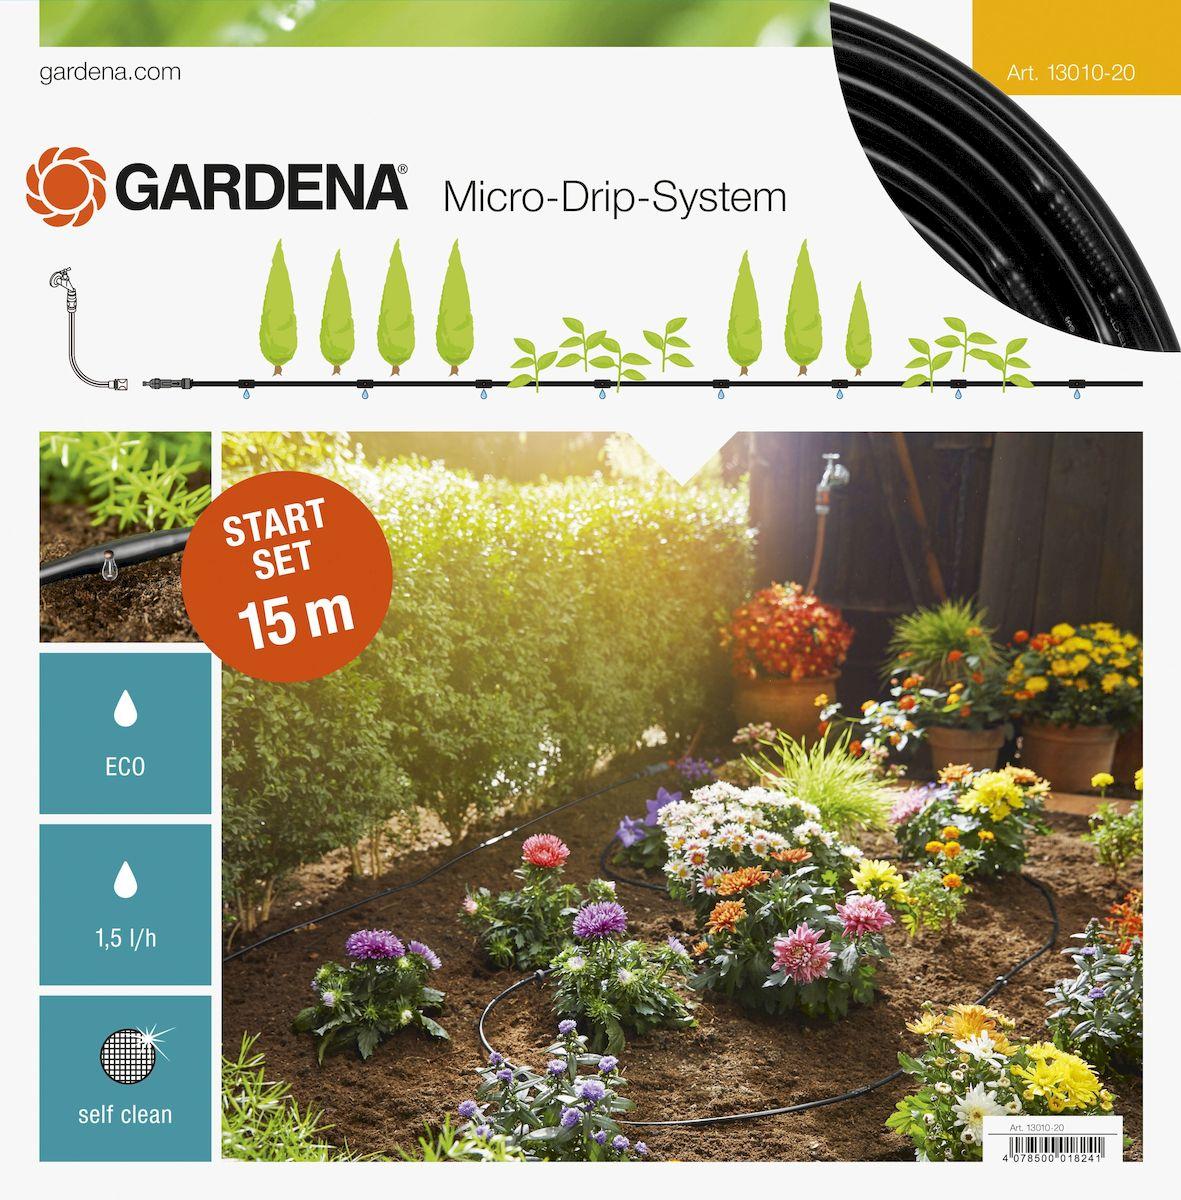 Комплект базовый для наземной прокладки Gardena, 4,6 мм (3/16) х 15 м13010-20.000.00Комплект базовый для наземной прокладки Gardena предназначен для полива небольших участков с цветами, овощами и фруктами, а также для полива посаженных в ряд растений. Расстояние между отверстиями составляет 30 см. Каждая капельница обеспечивает бережный полив с расходом воды 1,6 л/ч. Благодаря использованию инновационной лабиринтной технологии, капельницы являются самоочищающимися. Благодаря небольшому диаметру 4,6 мм (3/16) шланг характеризуется особой многофункциональностью и простотой монтажа. При условии установки мастер-блока по центру длина шланга может быть увеличена до 30 м с помощью комплекта для удлинения. В комплекте:- мастер-блок 1000; - подающий шланг 4,6 мм (3/16), 15 м; - колышки для крепления шланга 13 мм (1/2), 15 шт; - заглушка 4,6 мм (3/16).